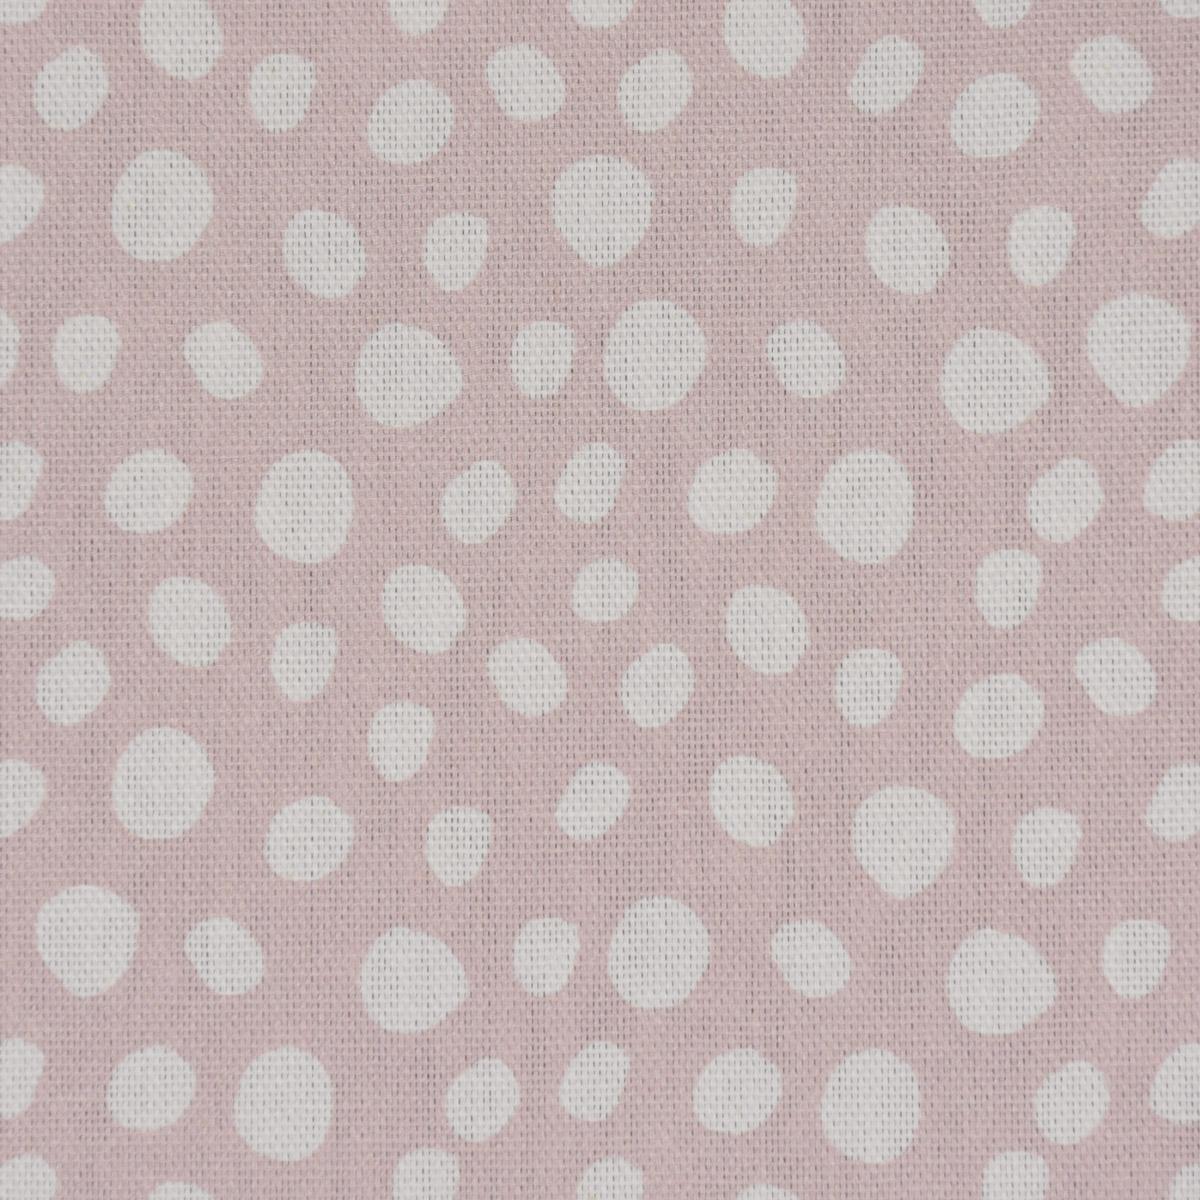 Dekostoff Baumwollstoff Halbpanama wollweiß mit Tupfen rosa weiß 1,40m Breite